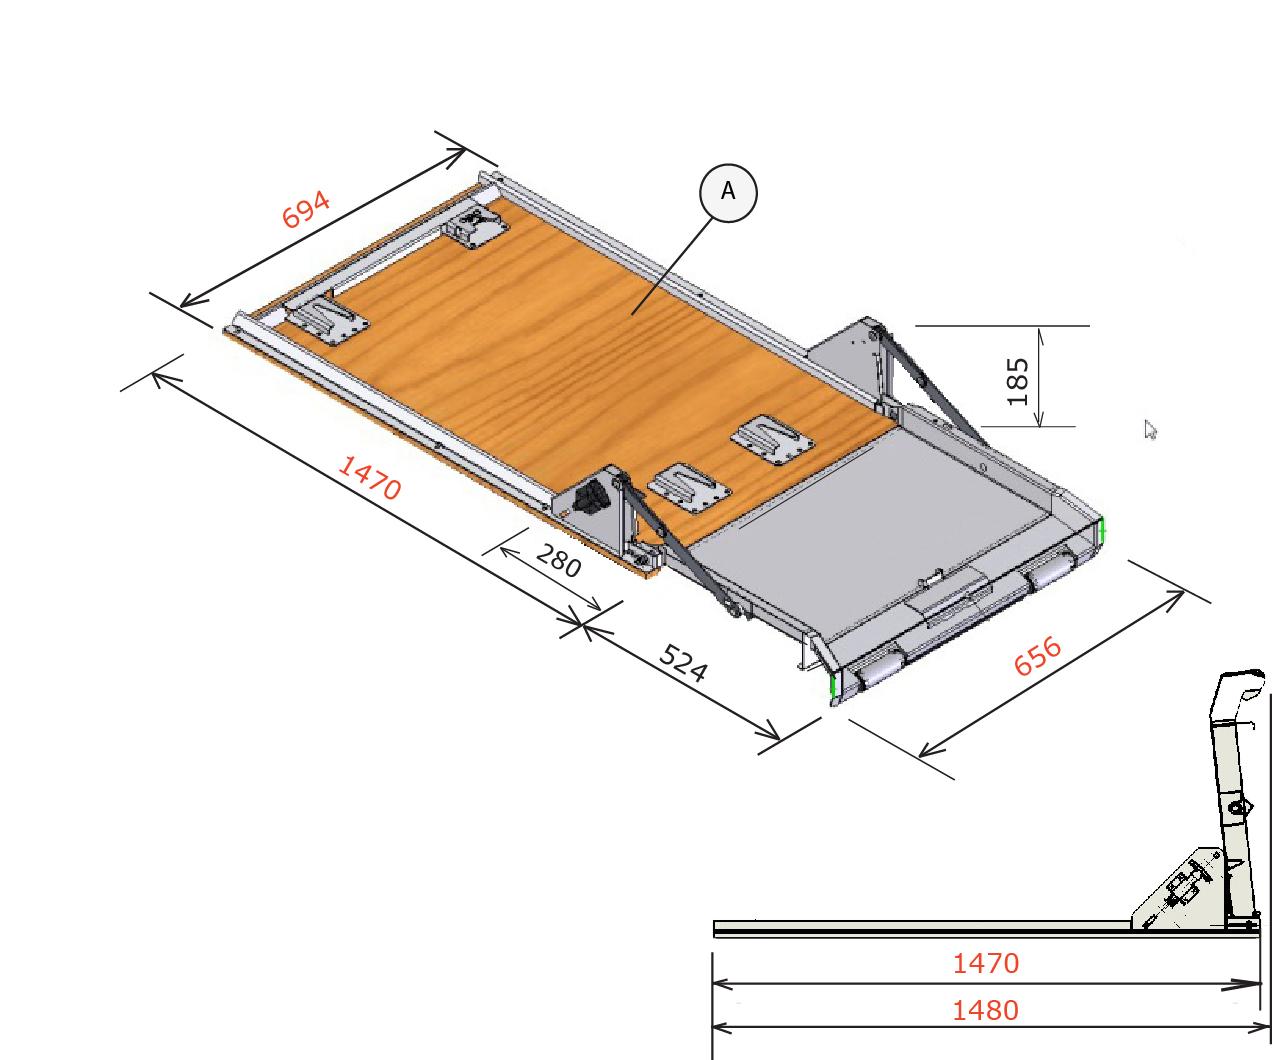 brancard XL36 mobiele bedrijfswagen inrichting